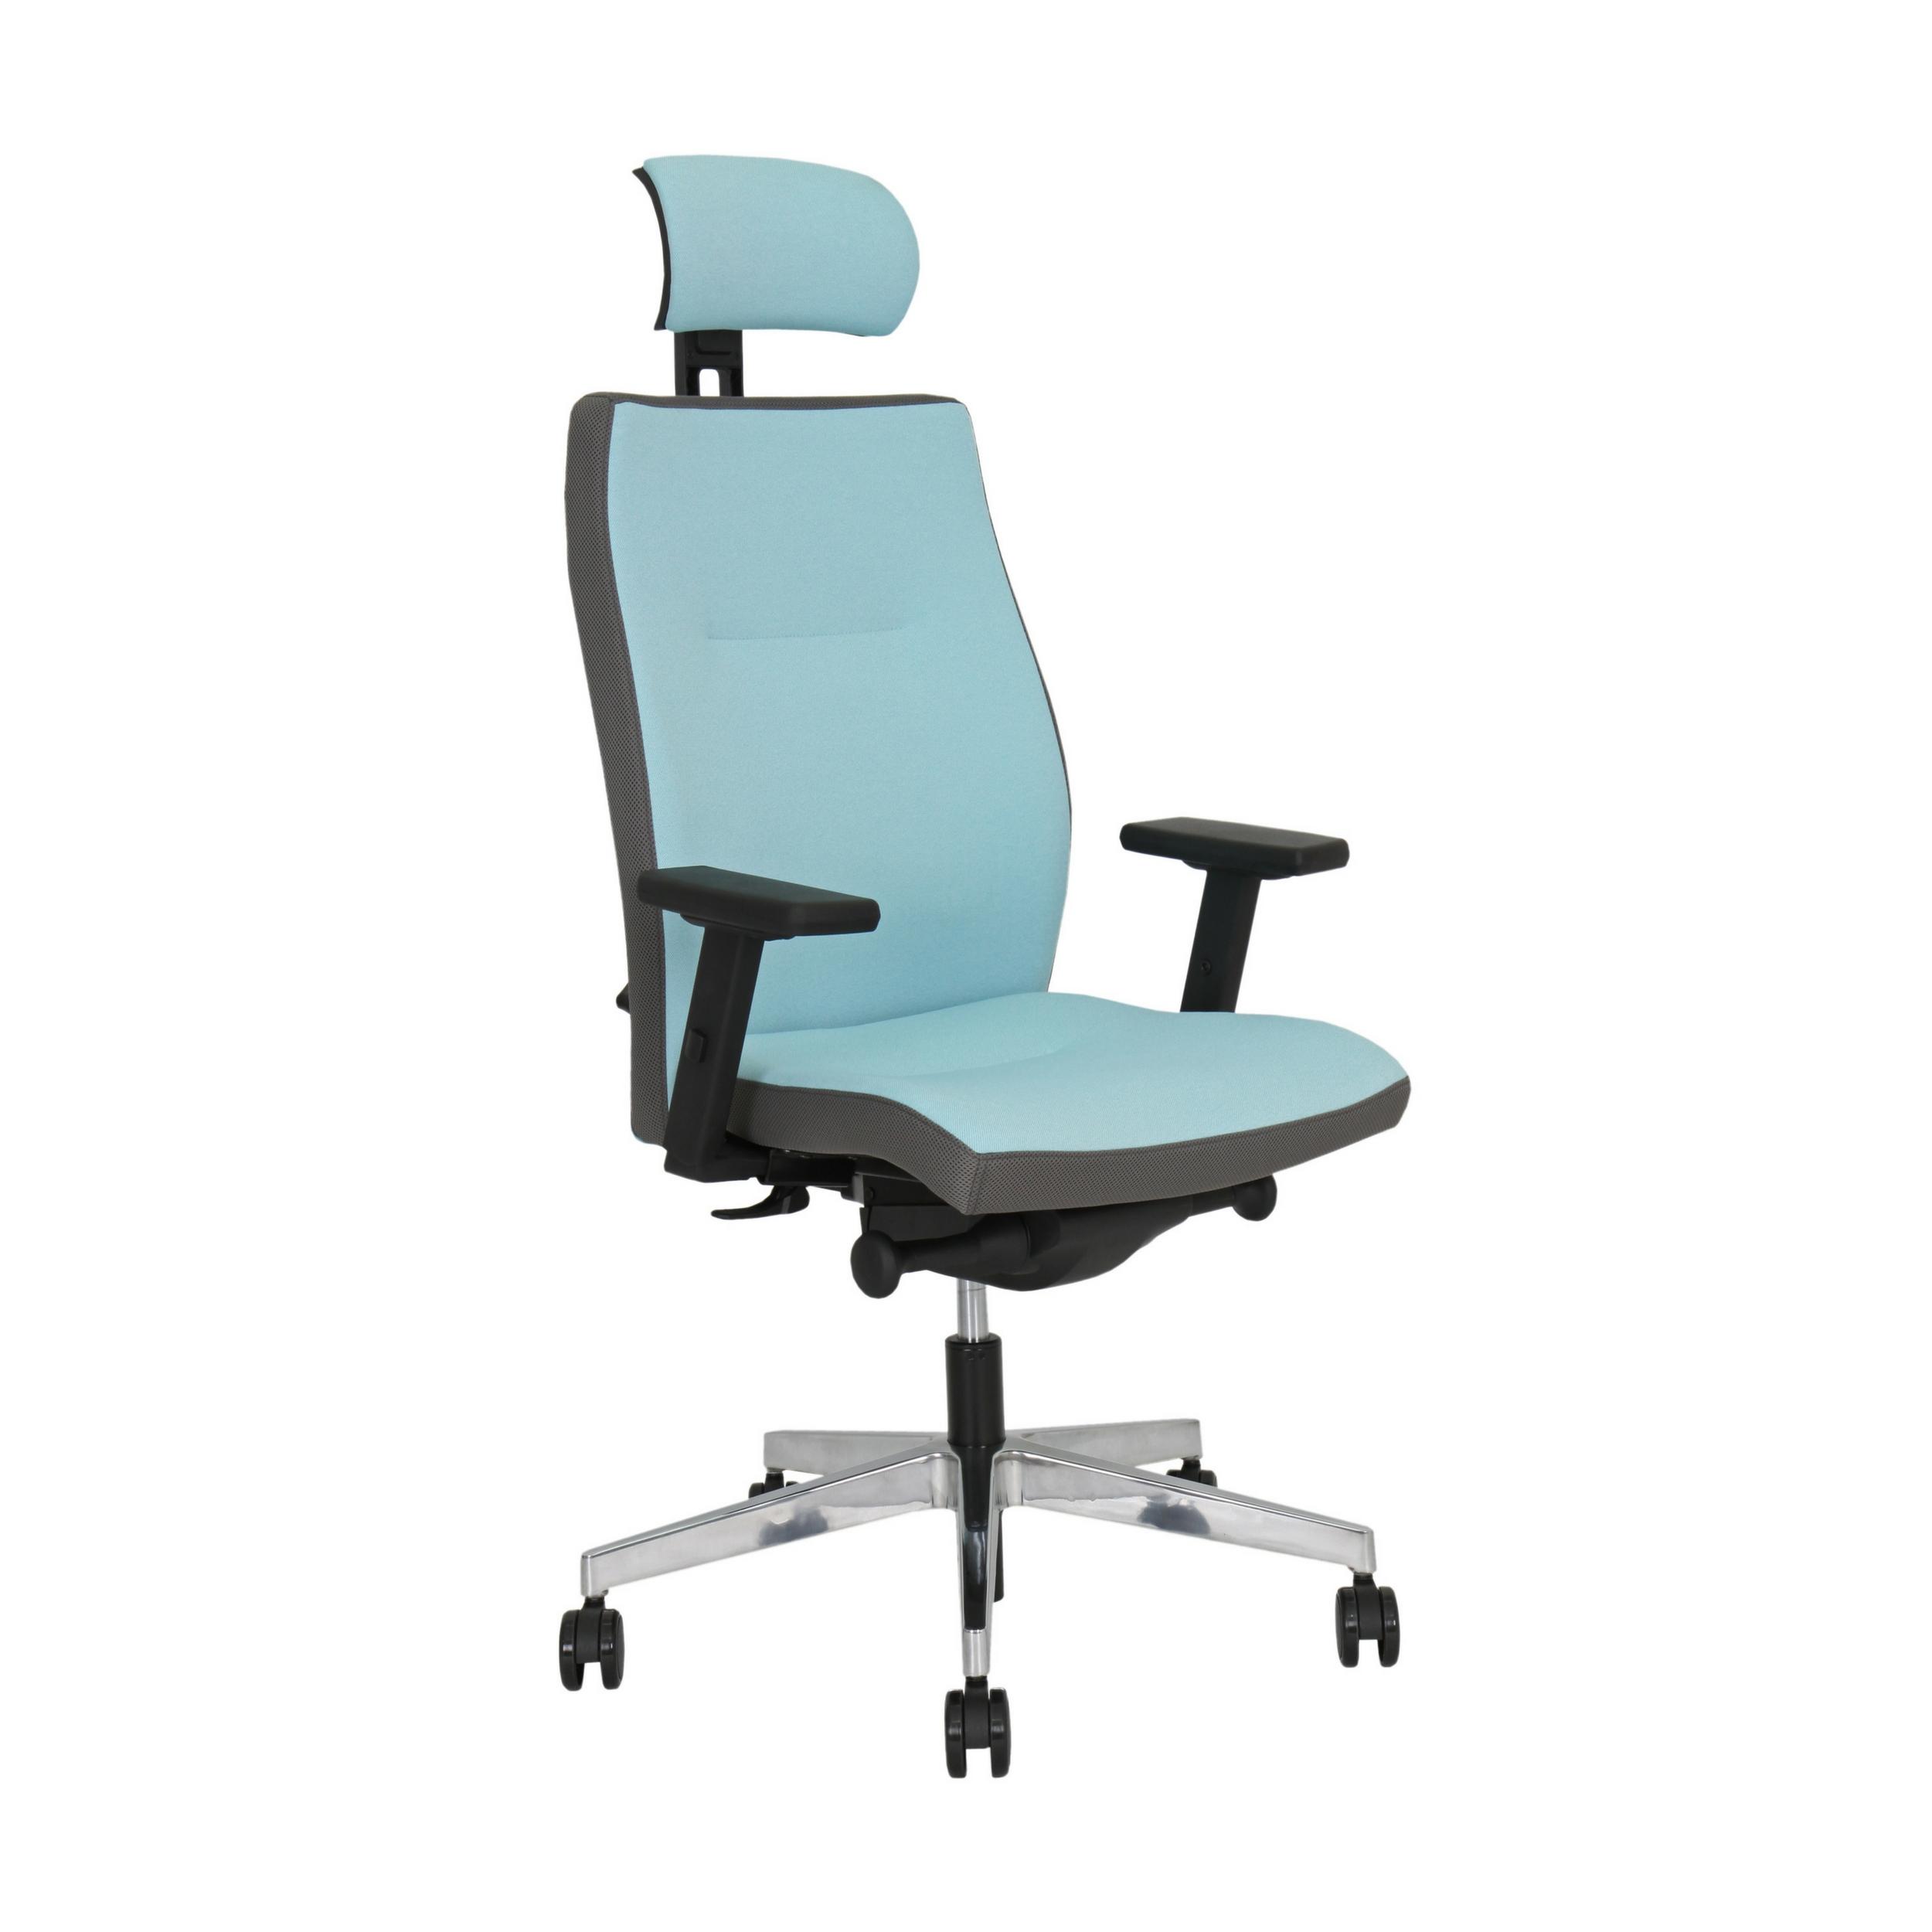 krzesło_SO-one06